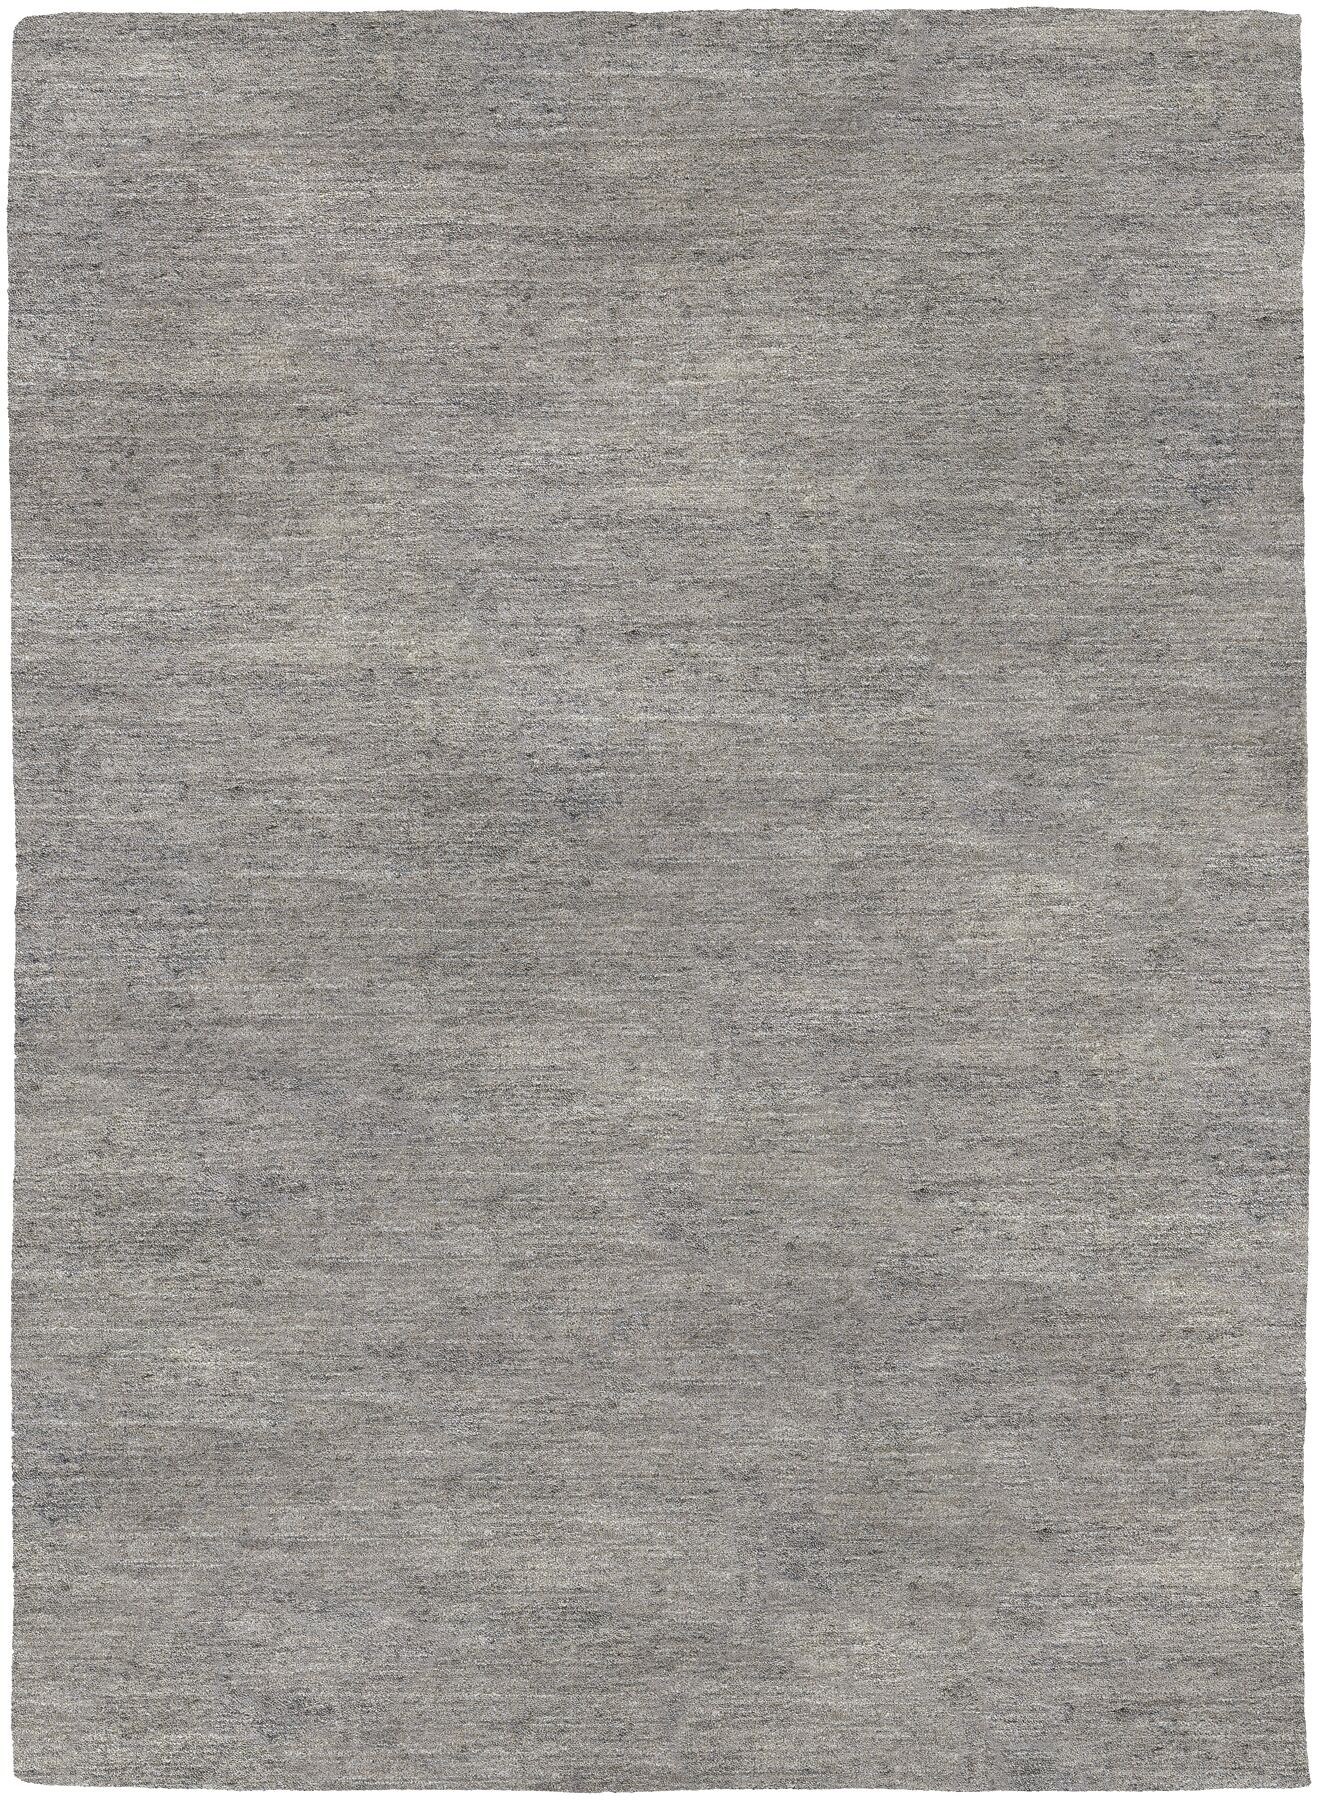 Bayside Hand-Woven Gray Area Rug Rug Size: Rectangle 9'6